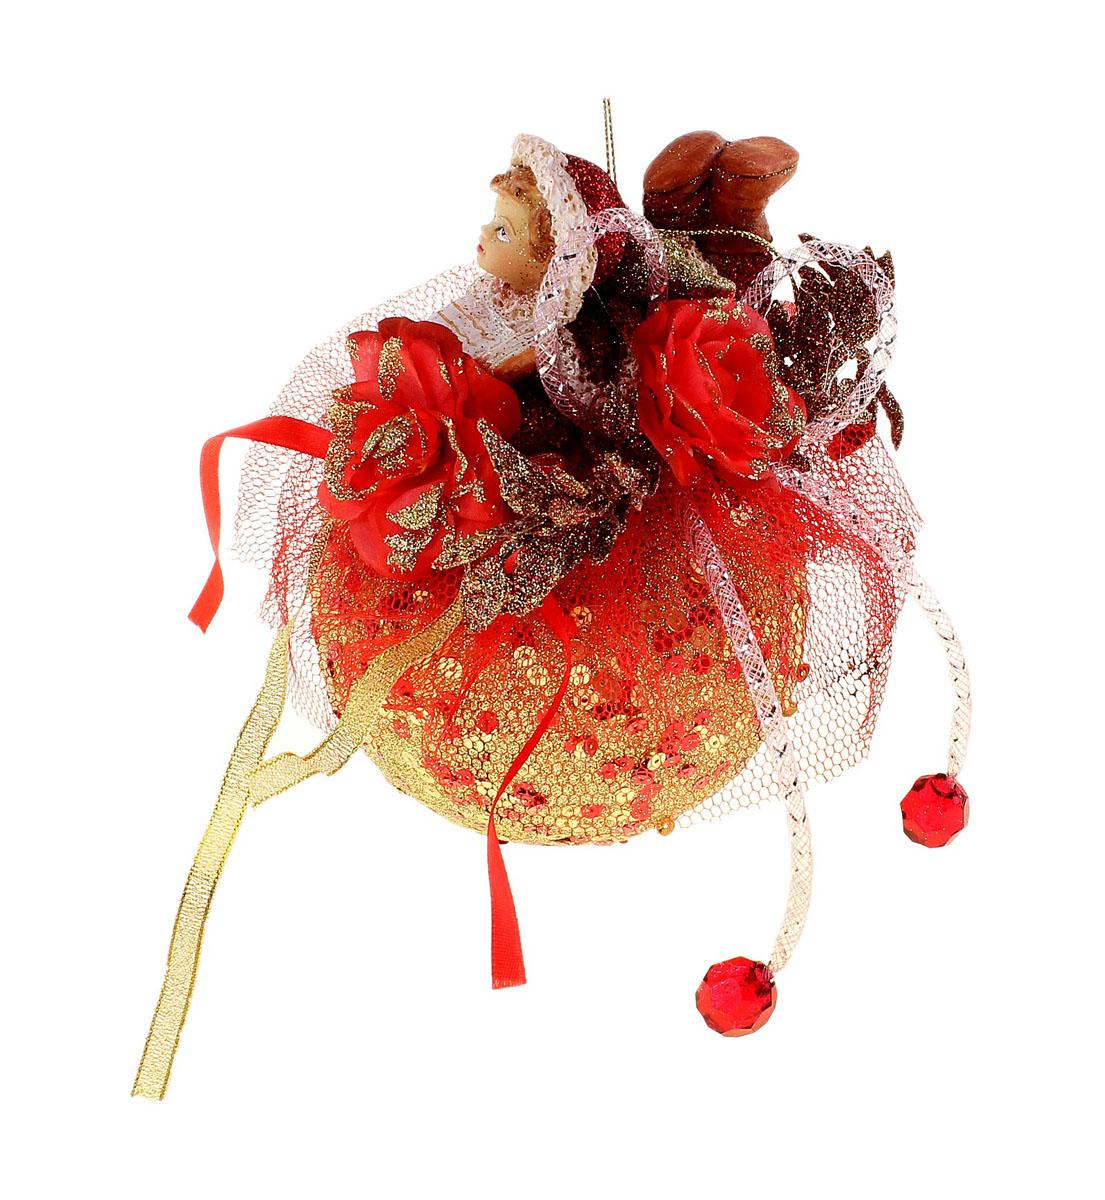 Новогоднее подвесное украшение Sima-land Девочка на шаре, диаметр 10 смNLED-454-9W-BKНовогоднее украшение Sima-land Девочка на шаре отлично подойдет для декорации вашего дома и новогодней ели. Игрушка выполнена из пластика в виде большого шара, декорированного пайетками, текстильной сеткой и лентами, цветами, листьями и декоративными камнями. Сверху на шаре располагается фигурка лежащей с книгой девочки из полистоуна. Украшение оснащено текстильной петелькой для подвешивания. Елочная игрушка - символ Нового года. Она несет в себе волшебство и красоту праздника. Создайте в своем доме атмосферу веселья и радости, украшая всей семьей новогоднюю елку нарядными игрушками, которые будут из года в год накапливать теплоту воспоминаний. Коллекция декоративных украшений из серии Зимнее волшебство принесет в ваш дом ни с чем не сравнимое ощущение праздника!